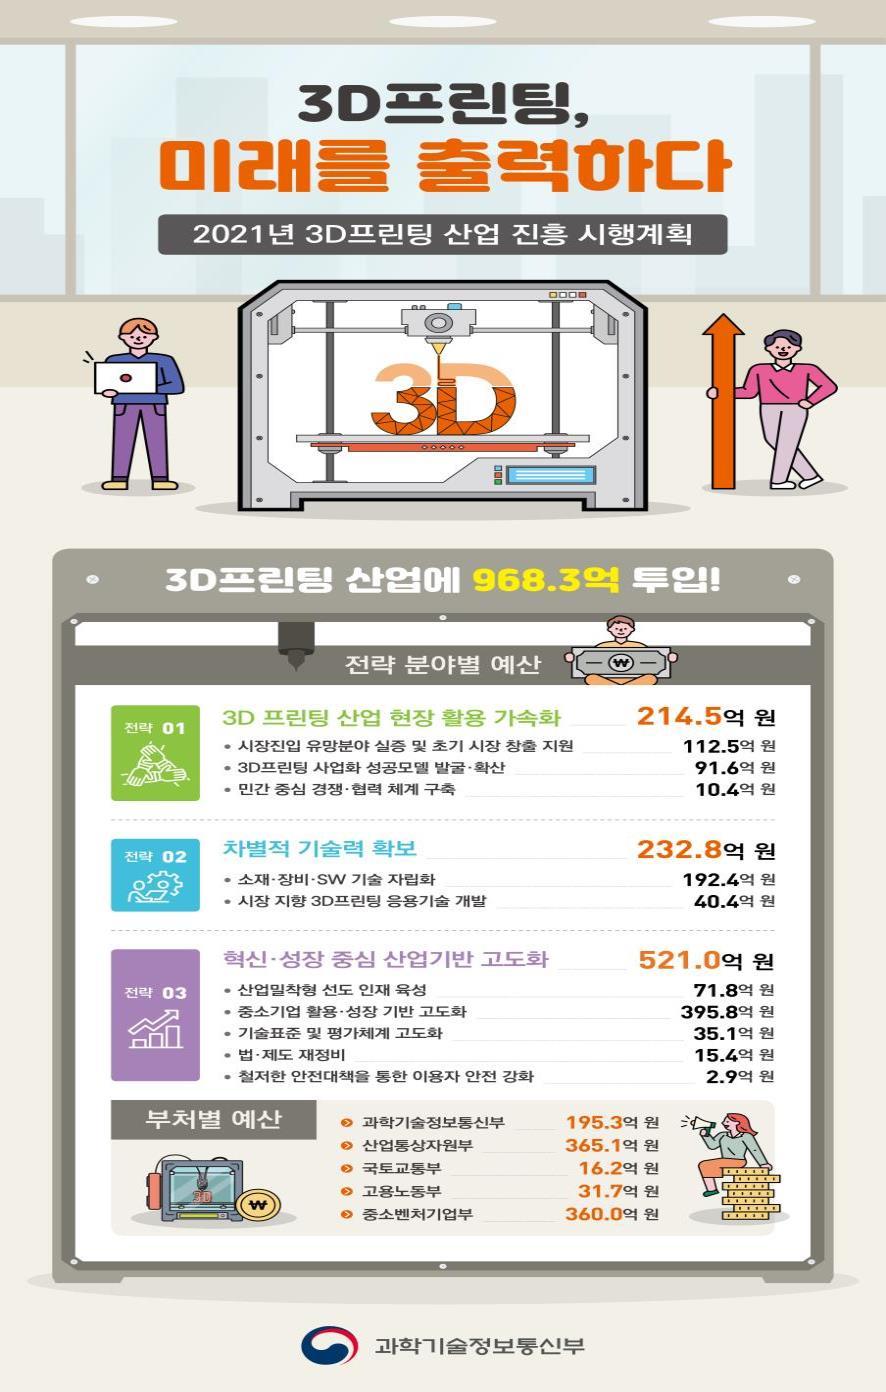 한국기술_3D-프린터-전문-업체_공지사항_올해-3D프린팅산업-진흥-968억-투입.png